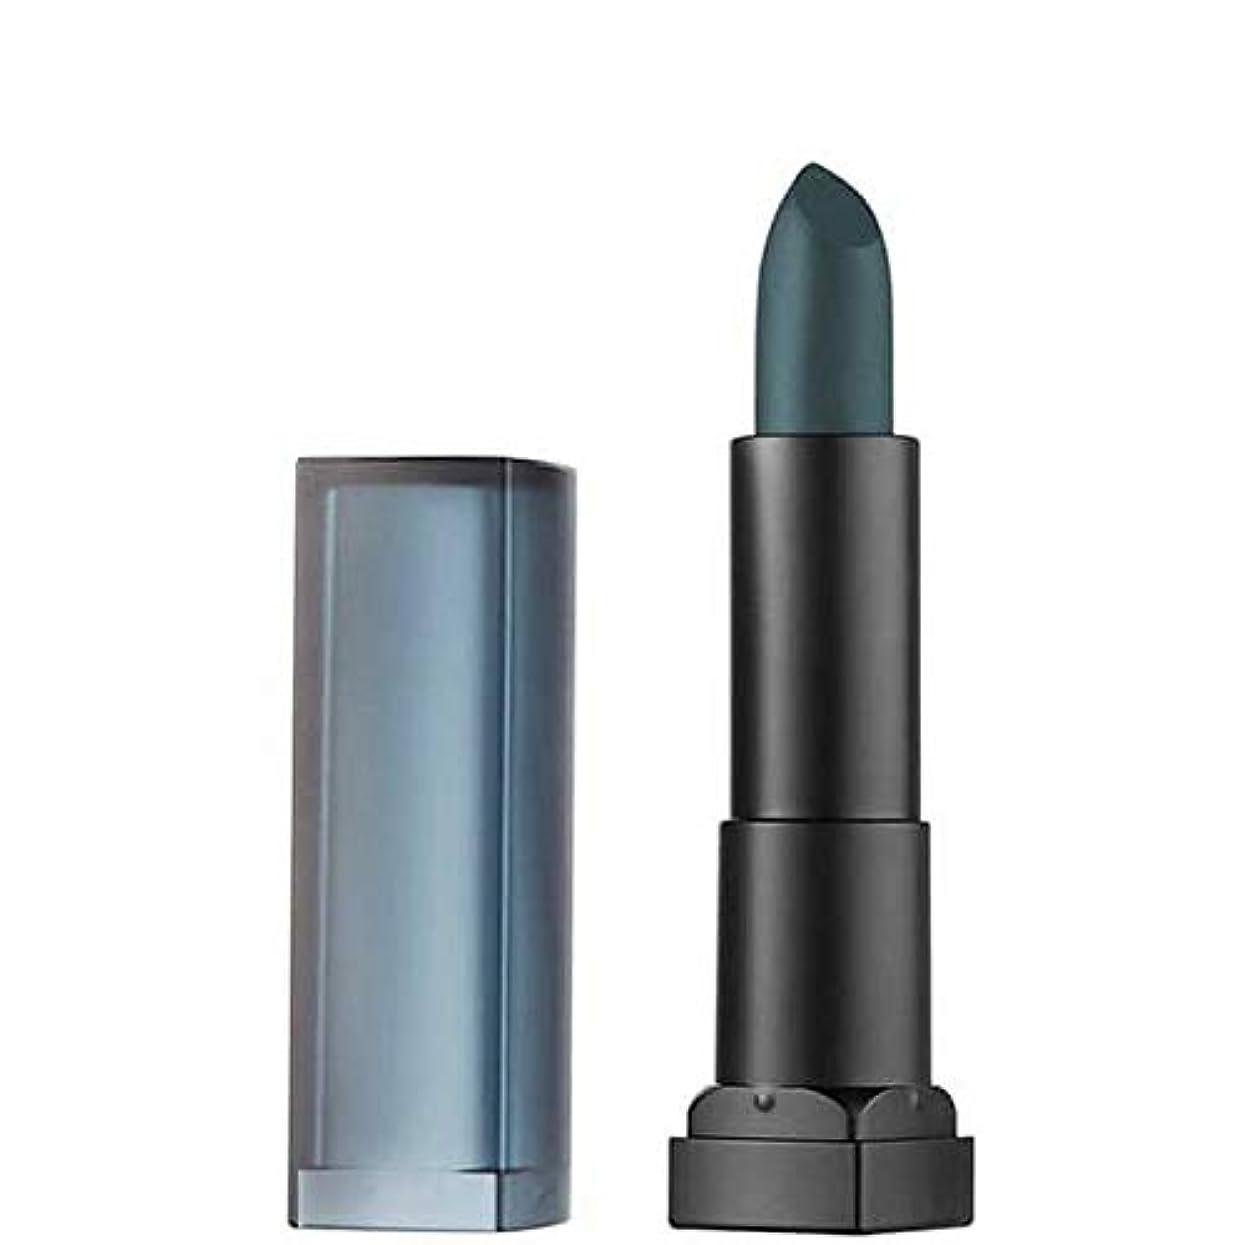 火山学きゅうり部分的[Maybelline ] メイベリンカラーセンセーショナルなマット口紅30スモーキーヒスイ - Maybelline Color Sensational Matte Lipstick 30 Smokey Jade [並行輸入品]